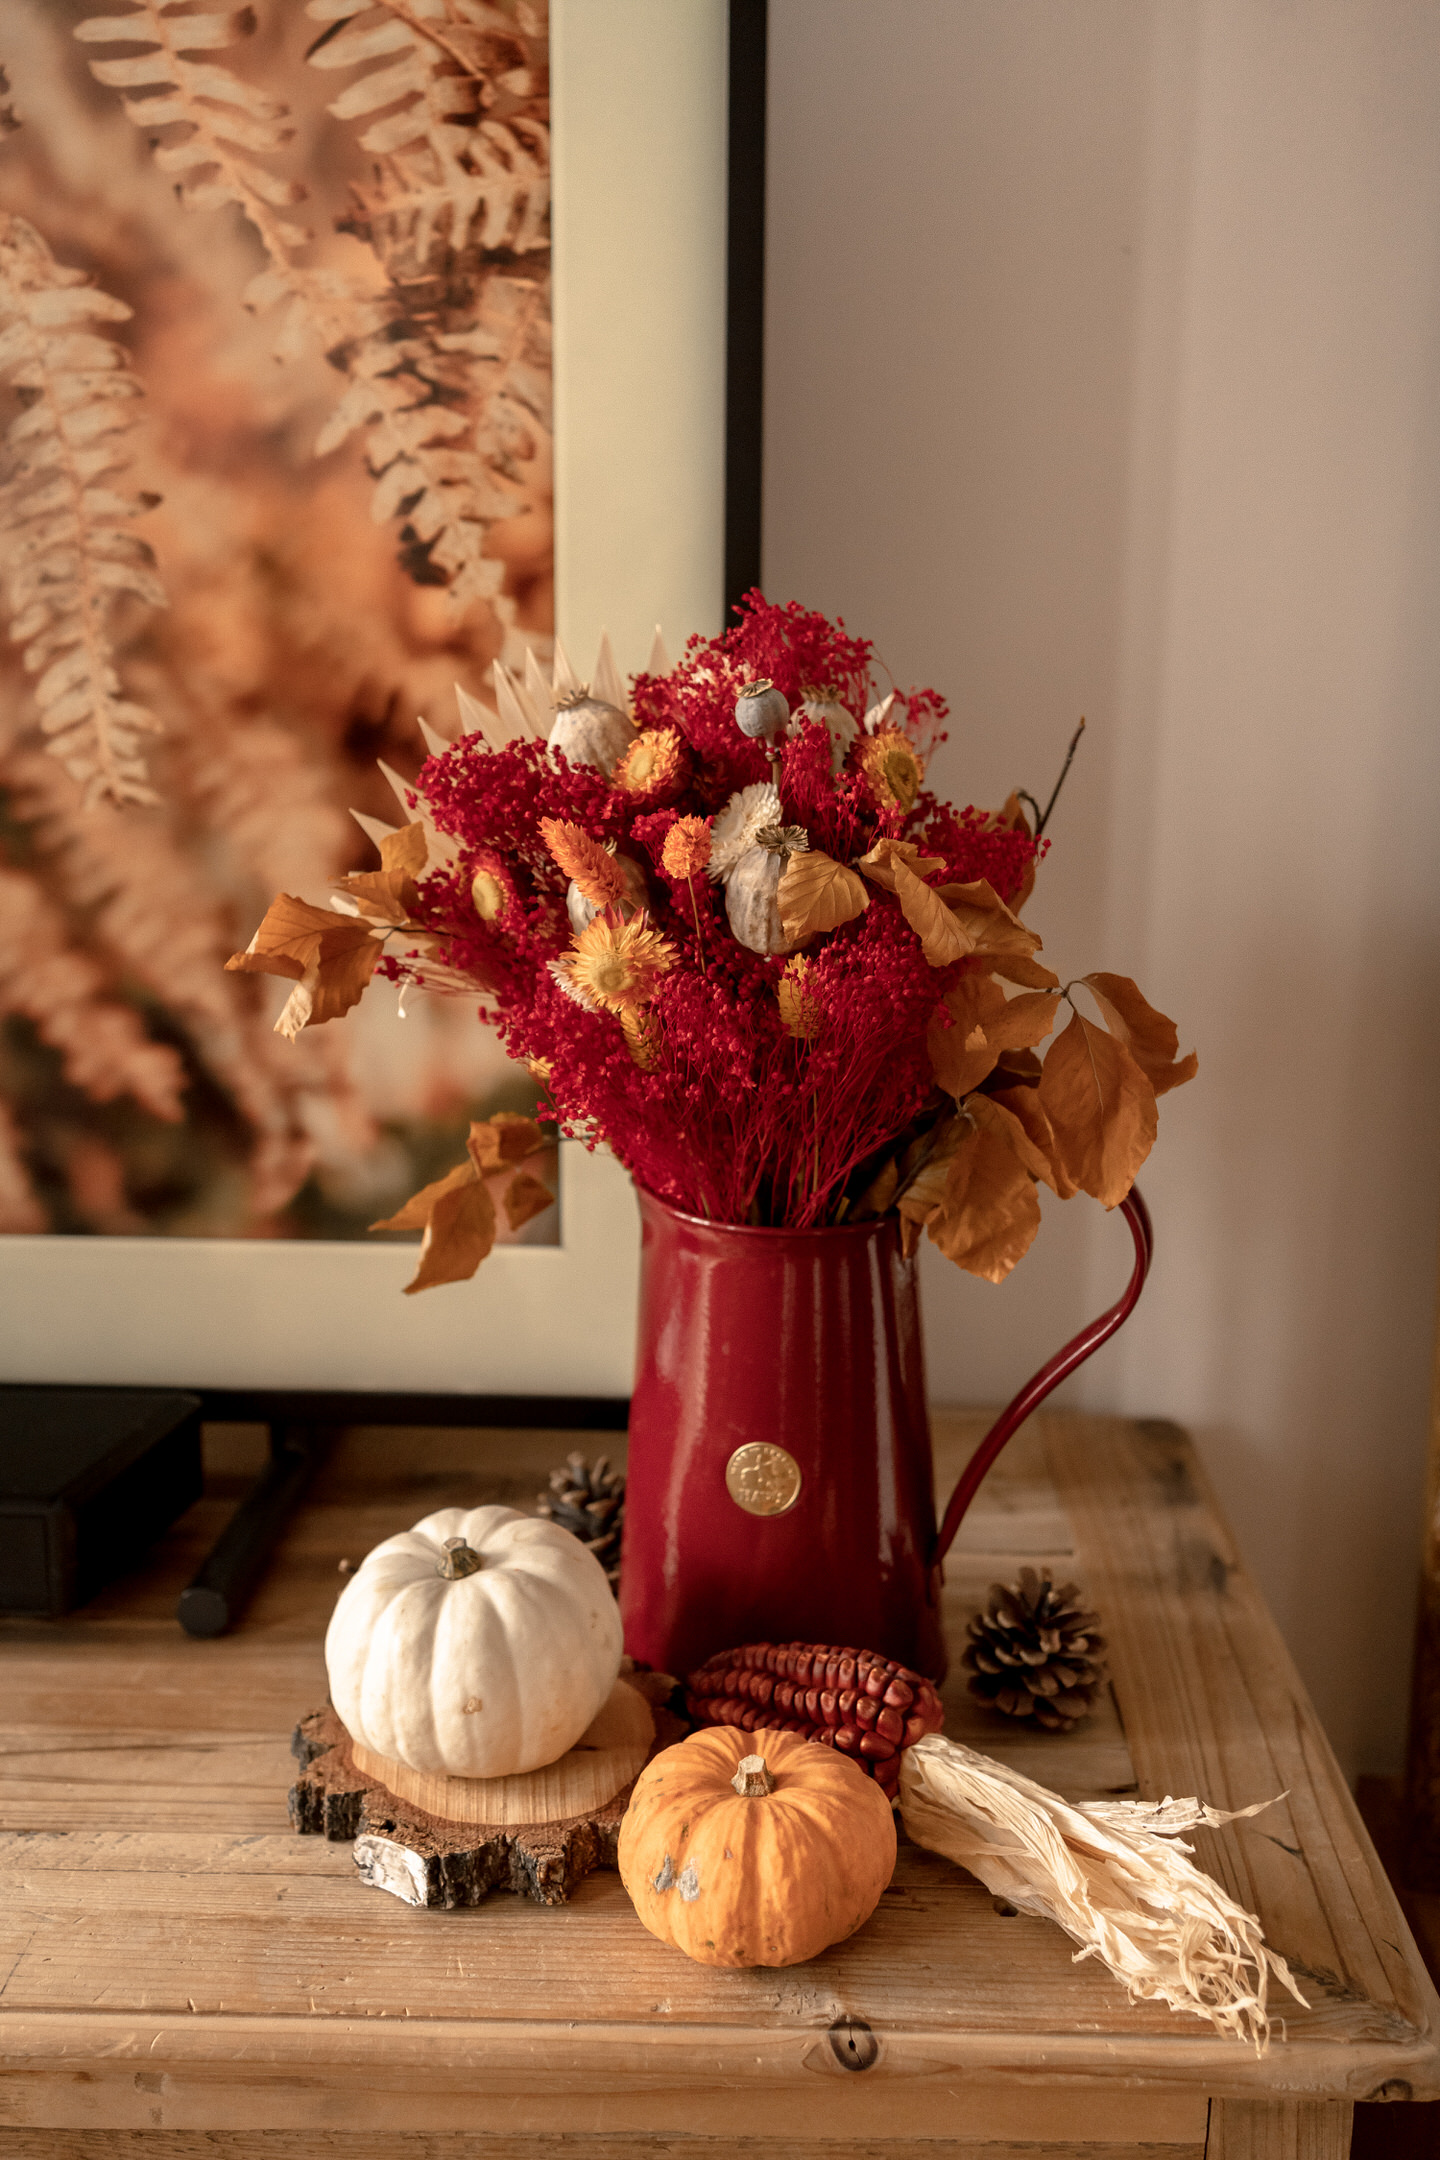 comment-decorer-interieur-automne-18